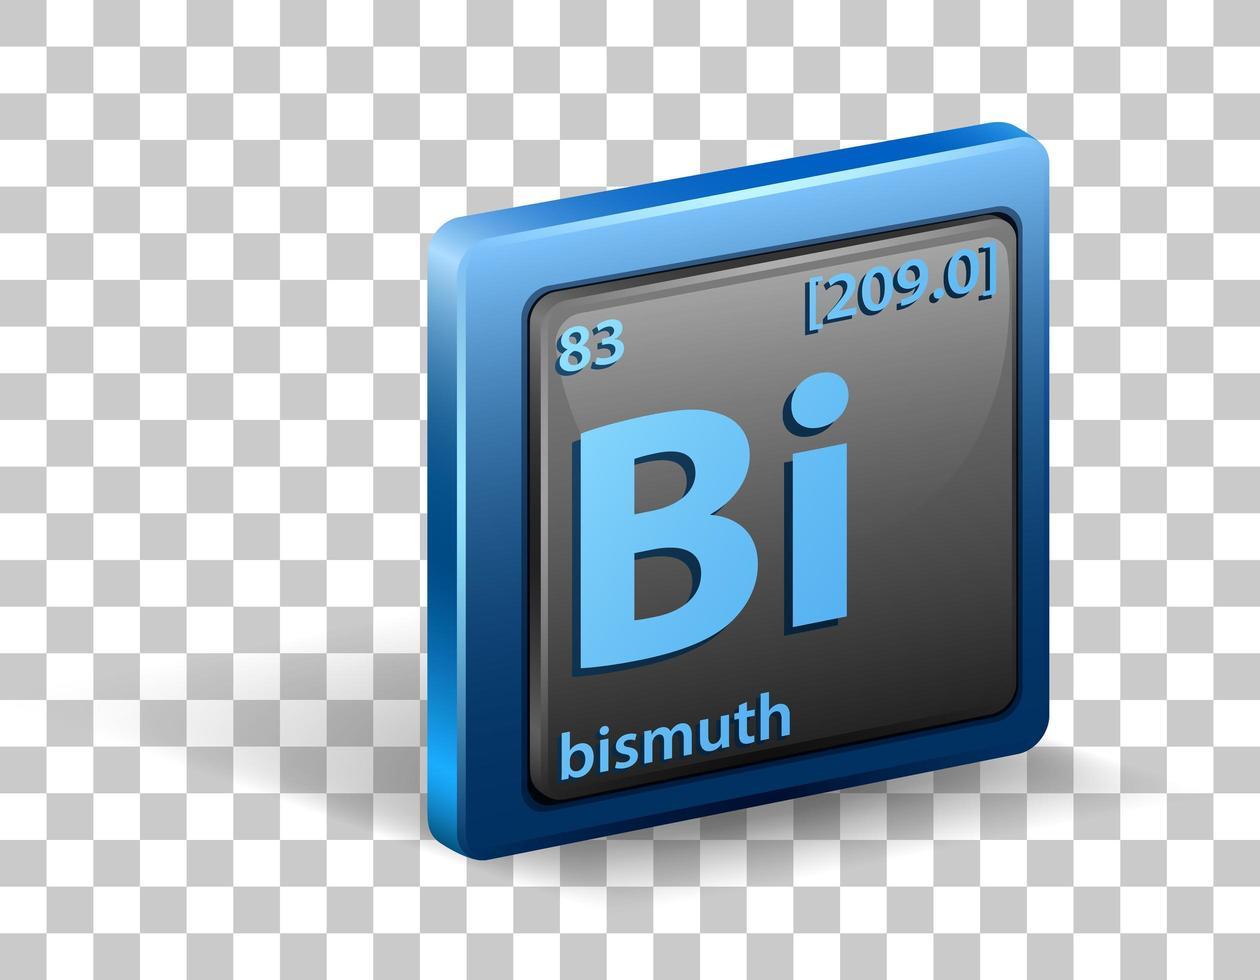 elemento químico de bismuto. símbolo químico com número atômico e massa atômica. vetor